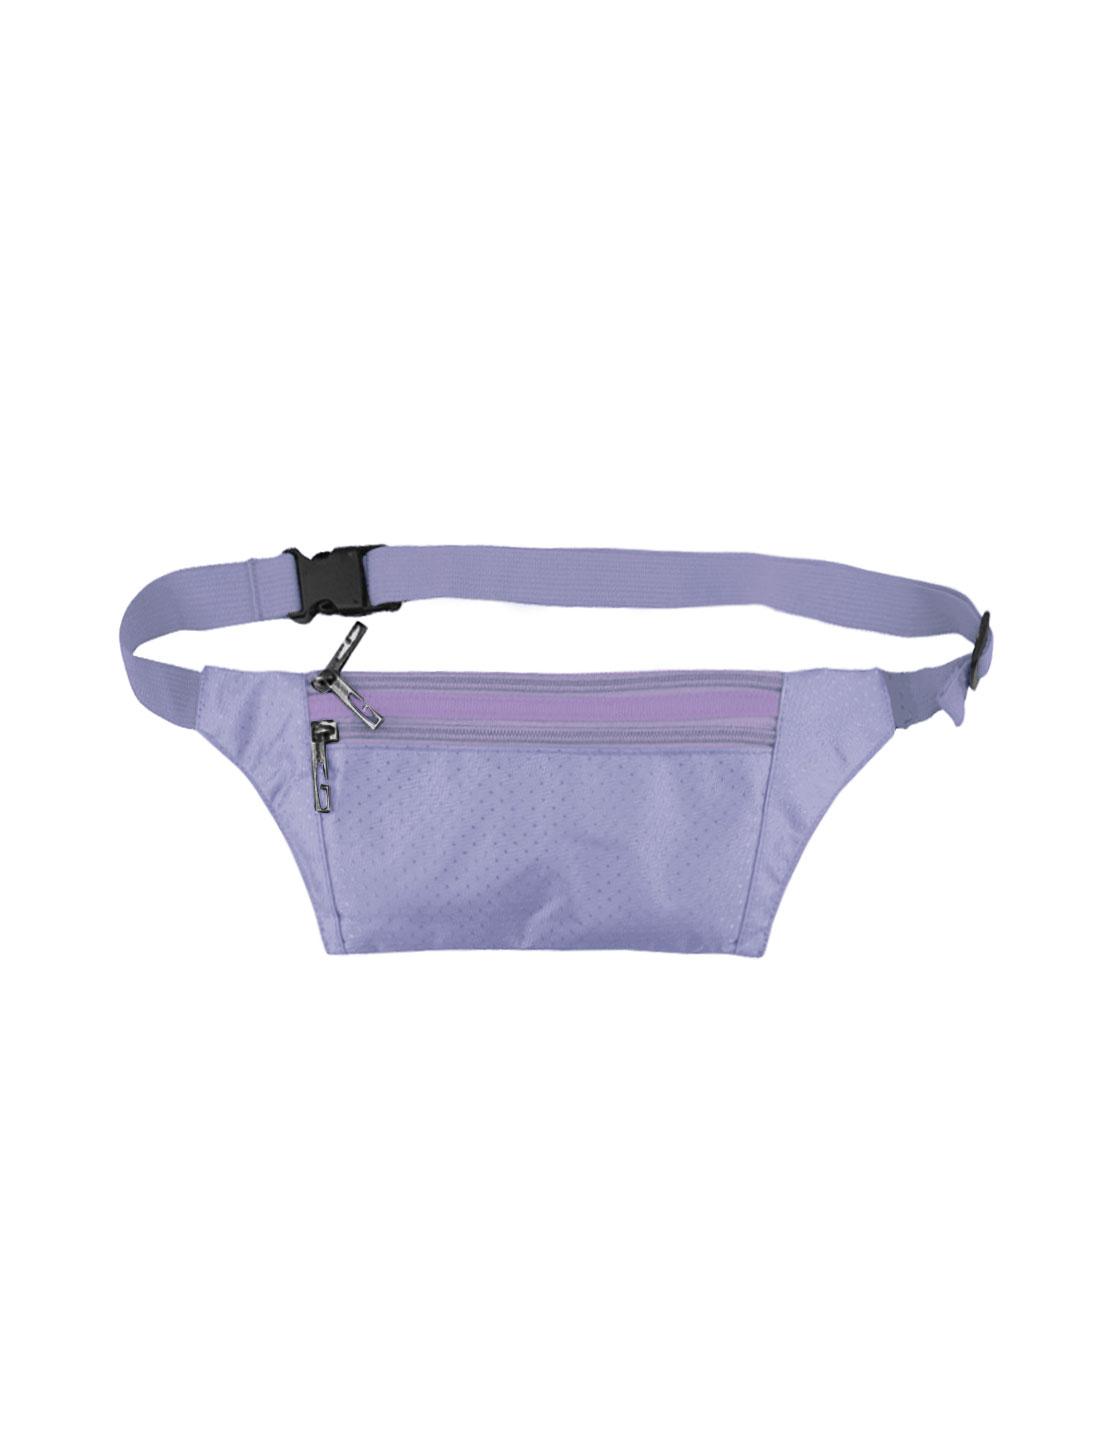 Unisex Three Zipper Pockets Argyle Design Waist Bag Purple